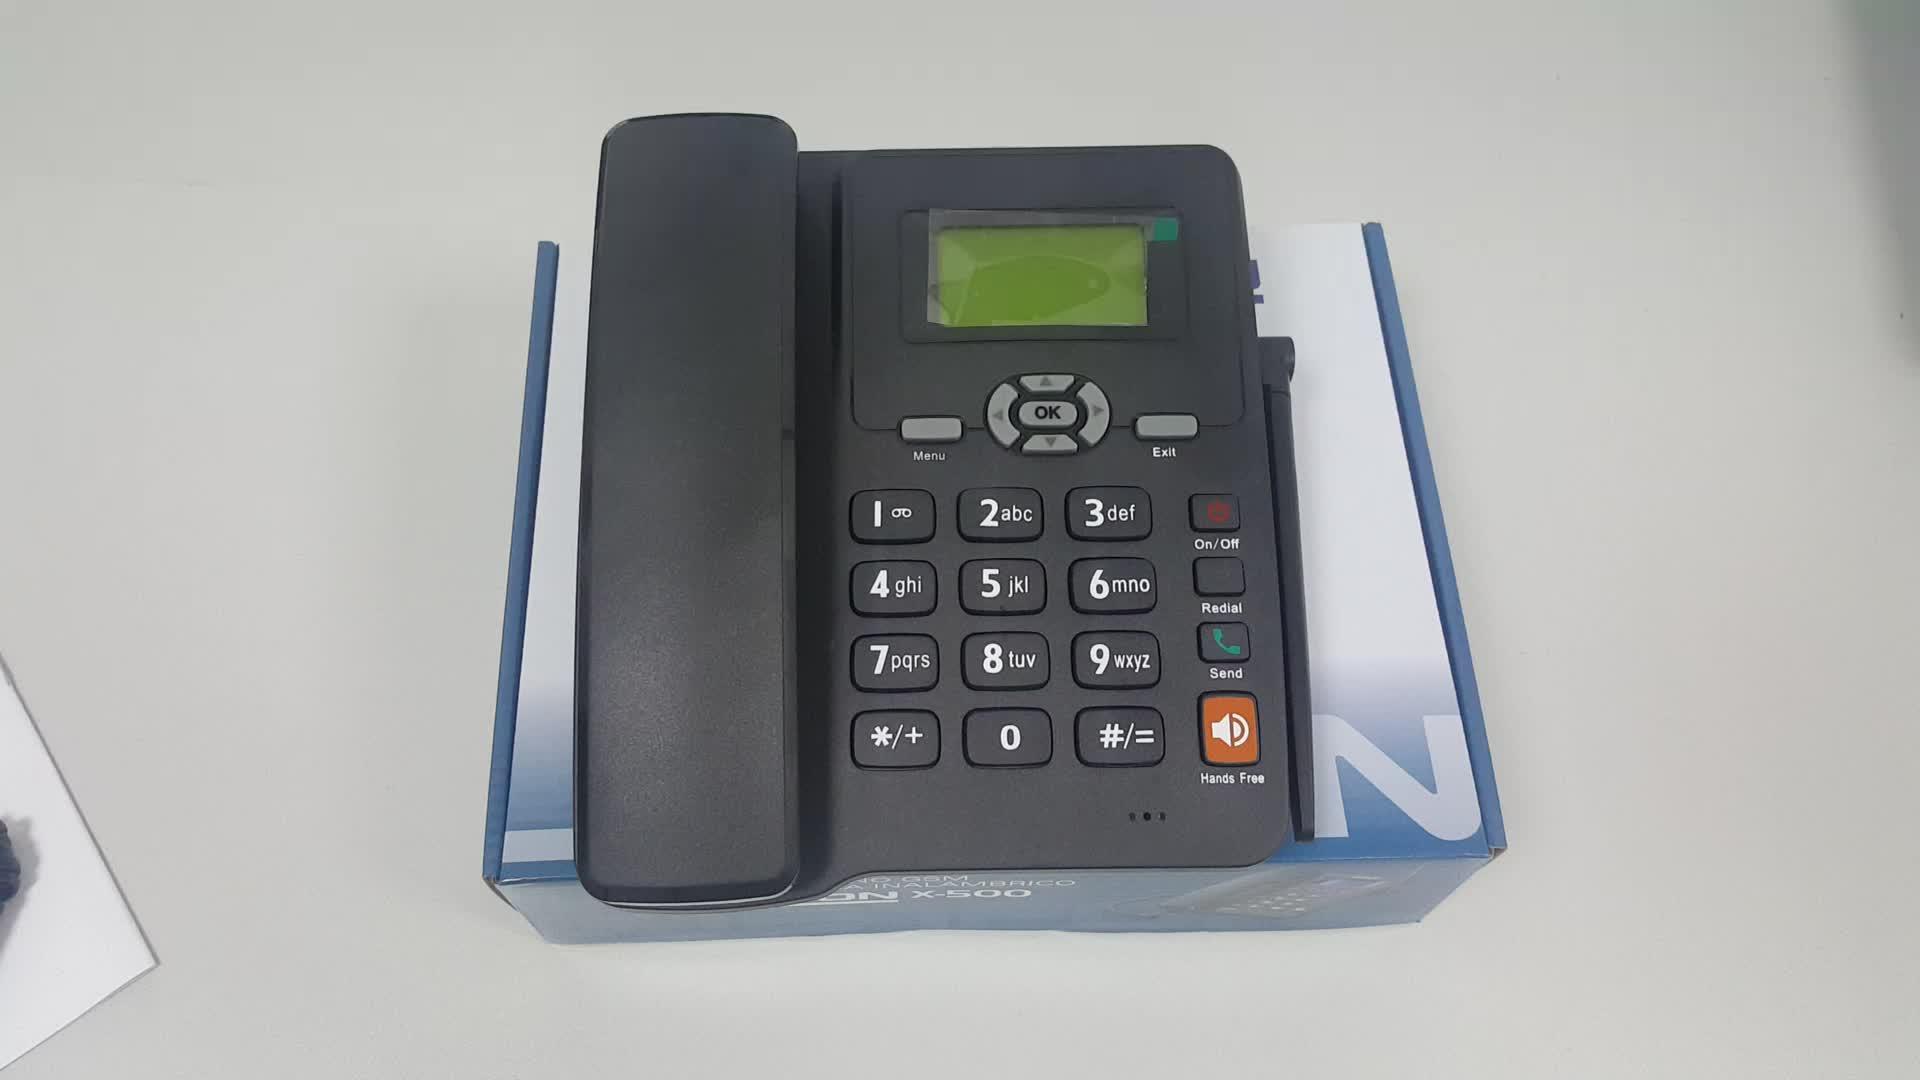 قفل دبوس أو شبكة GSM FWP (هاتف لاسلكي ثابت) ، هاتف منزلي سطح المكتب